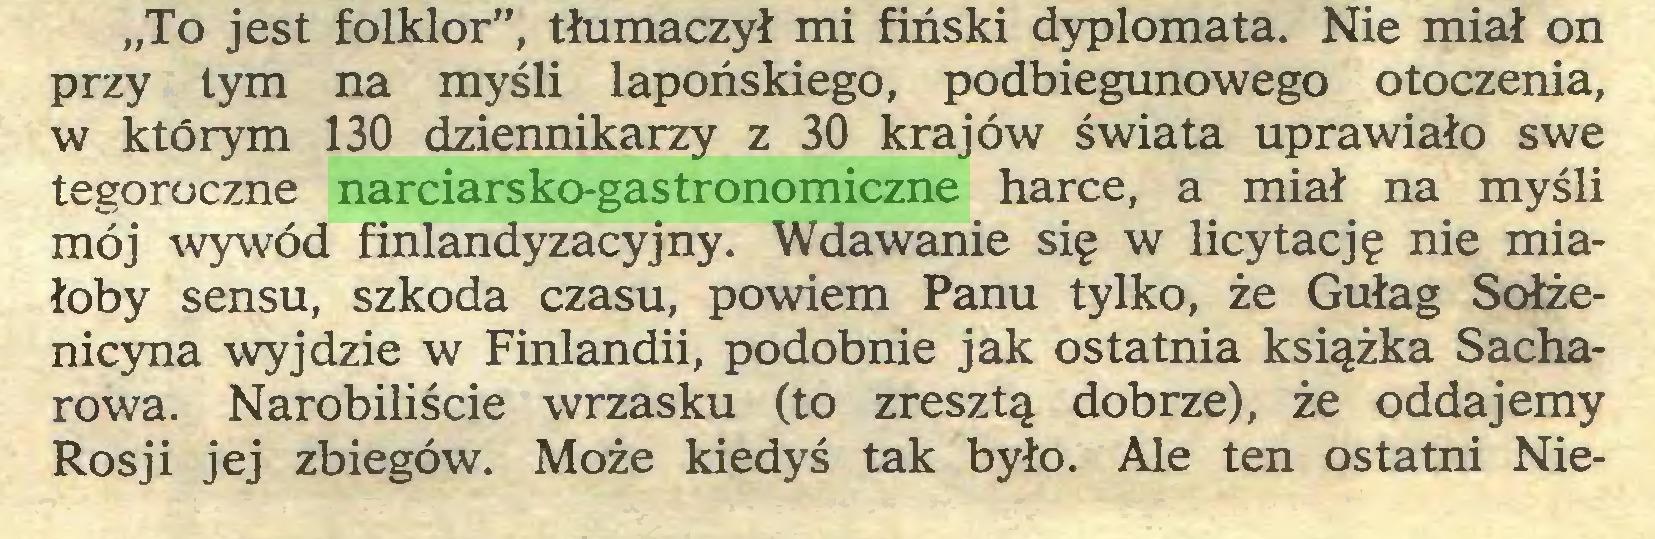 """(...) """"To jest folklor"""", tłumaczył mi fiński dyplomata. Nie miał on przy tym na myśli lapońskiego, podbiegunowego otoczenia, w którym 130 dziennikarzy z 30 krajów świata uprawiało swe tegoroczne narciarsko-gastronomiczne harce, a miał na myśli mój wywód finlandyzacyjny. Wdawanie się w licytację nie miałoby sensu, szkoda czasu, powiem Panu tylko, że Gułag Sołżenicyna wyjdzie w Finlandii, podobnie jak ostatnia książka Sacharowa. Narobiliście wrzasku (to zresztą dobrze), że oddajemy Rosji jej zbiegów. Może kiedyś tak było. Ale ten ostatni Nie..."""